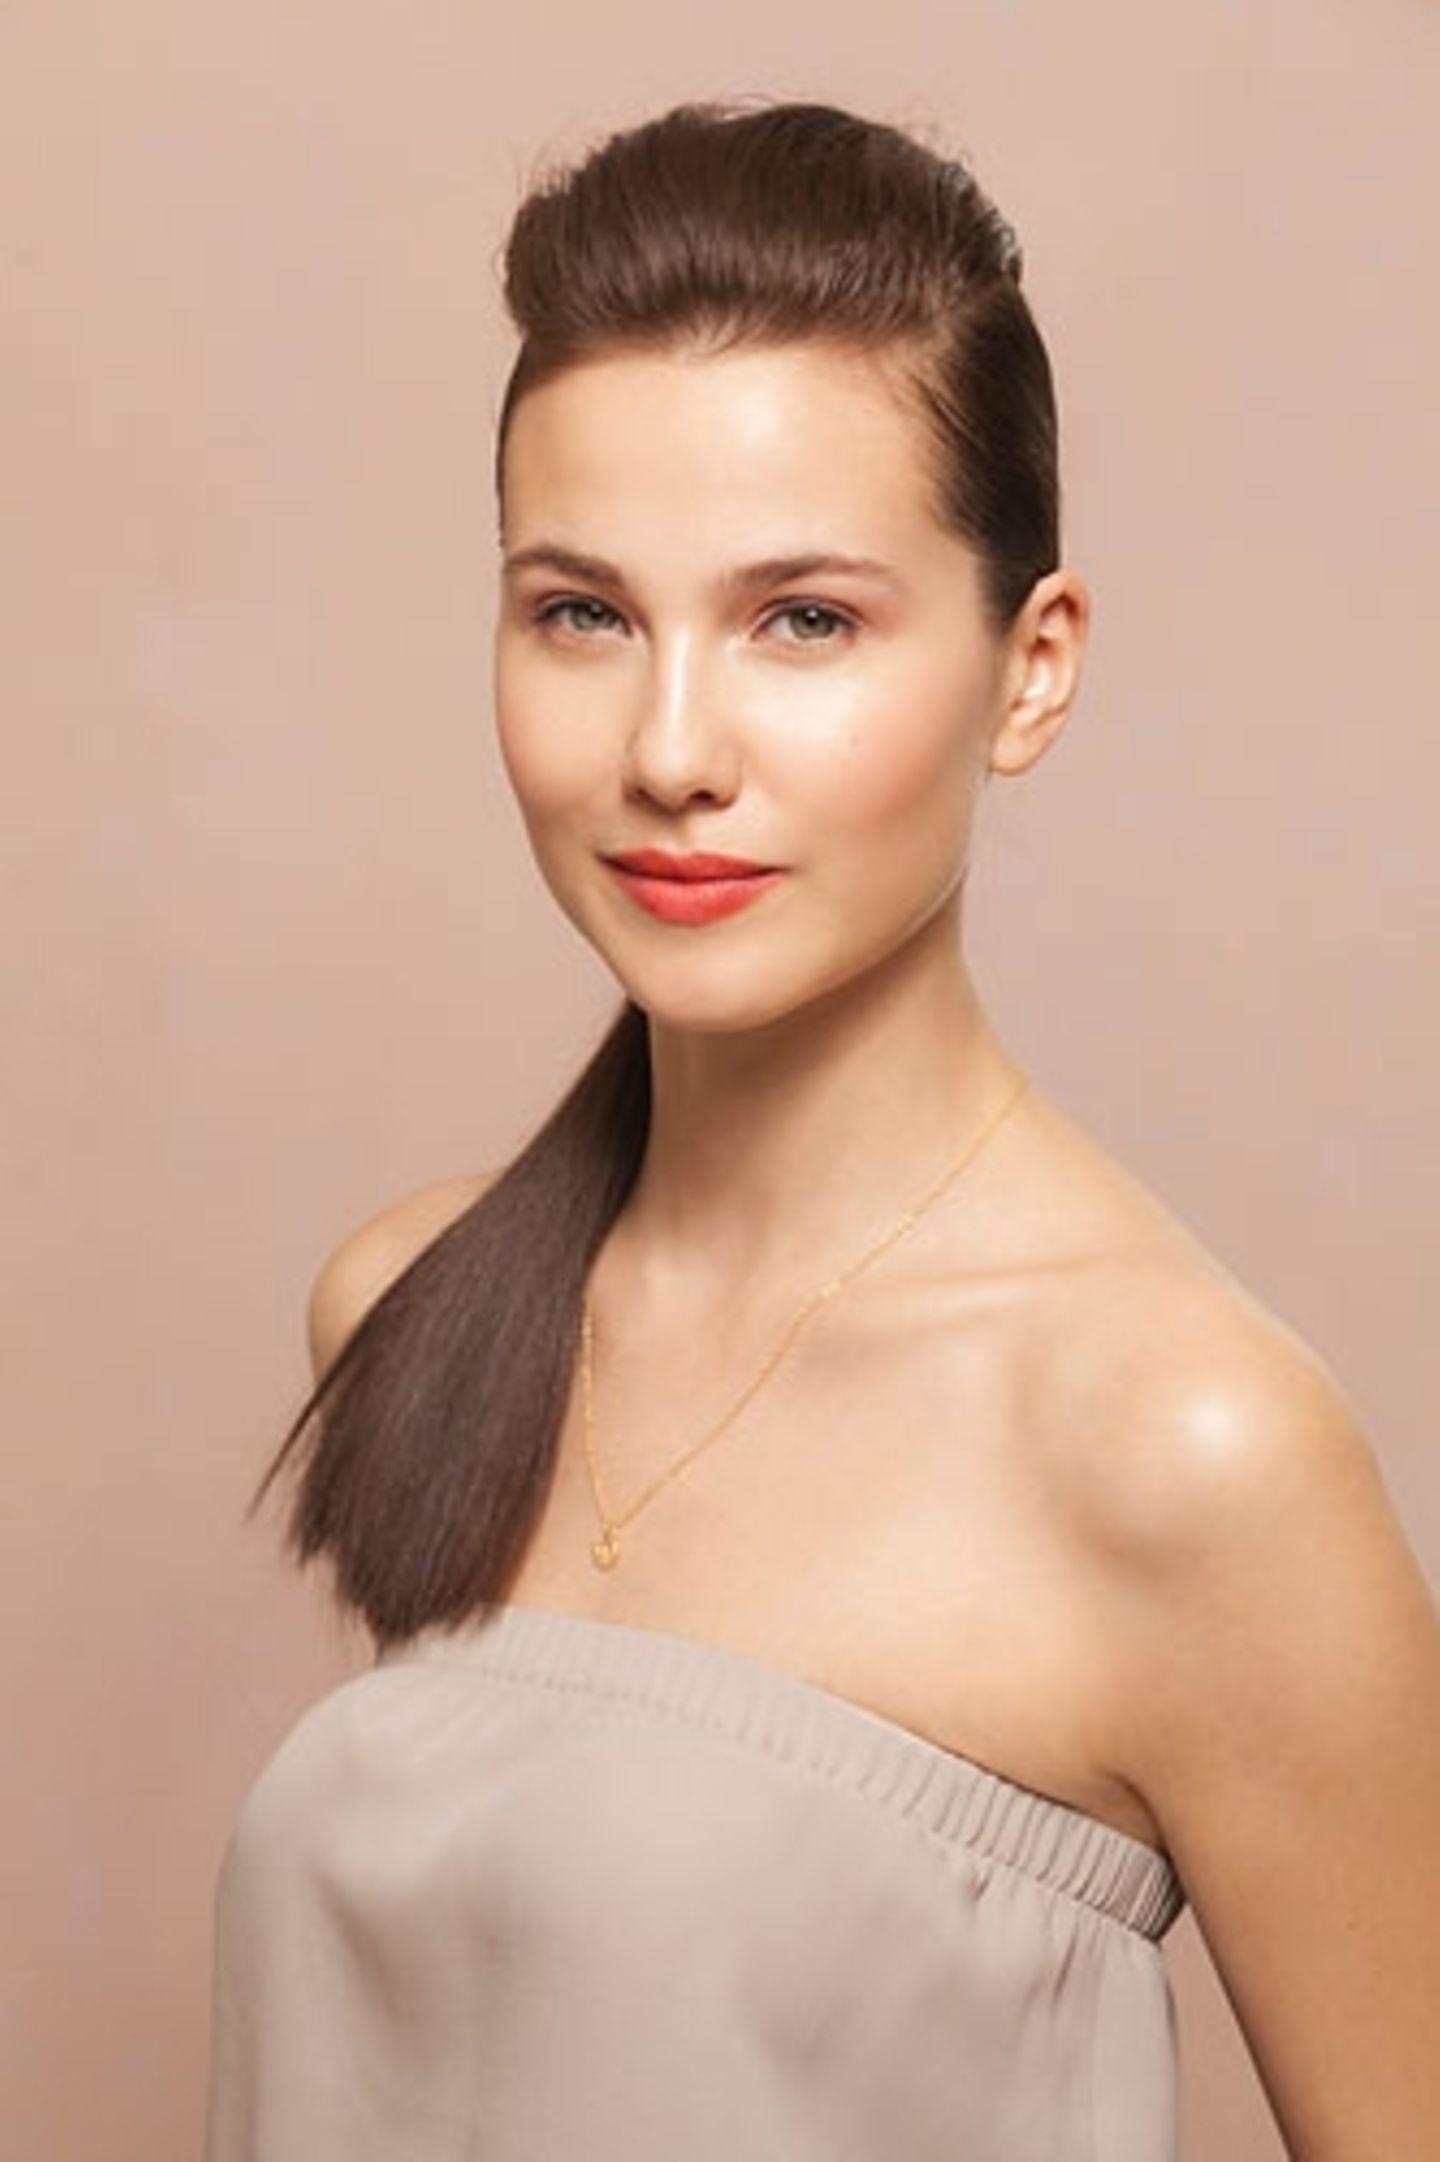 Sexy Frisur, weil: dieses Styling hohe Wangenknochen unschlagbar betont.